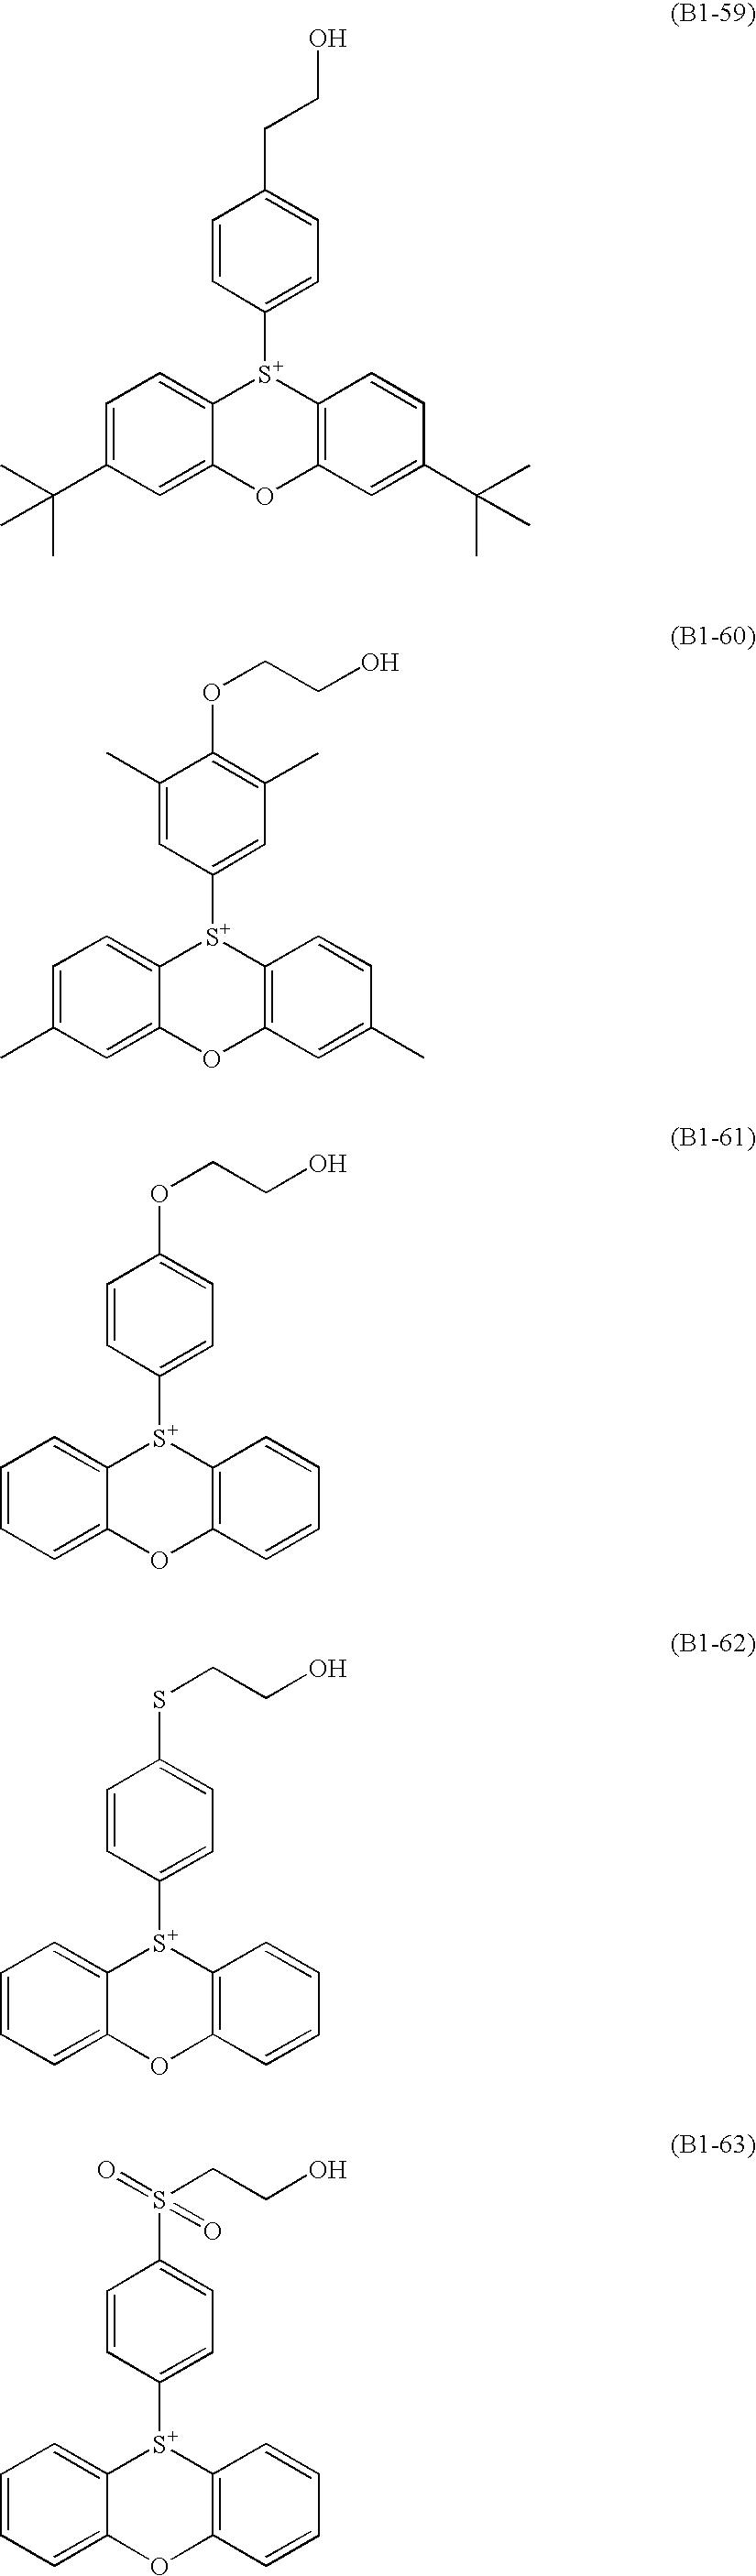 Figure US20100183975A1-20100722-C00022